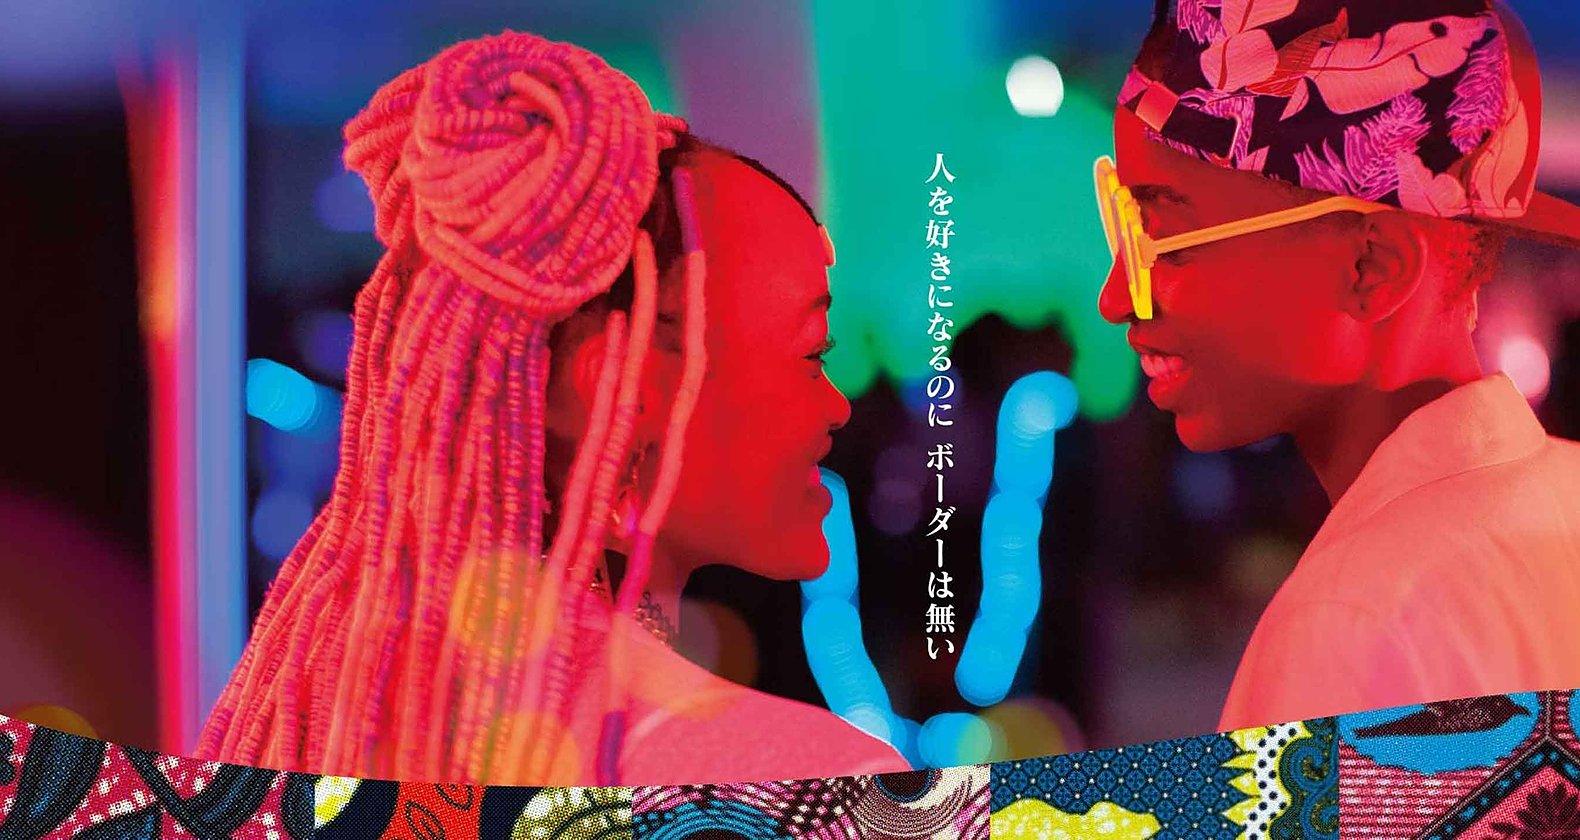 『ラフィキ:ふたりの夢』を観てLGBTについて考えた|映画で学ぶSDGsの画像